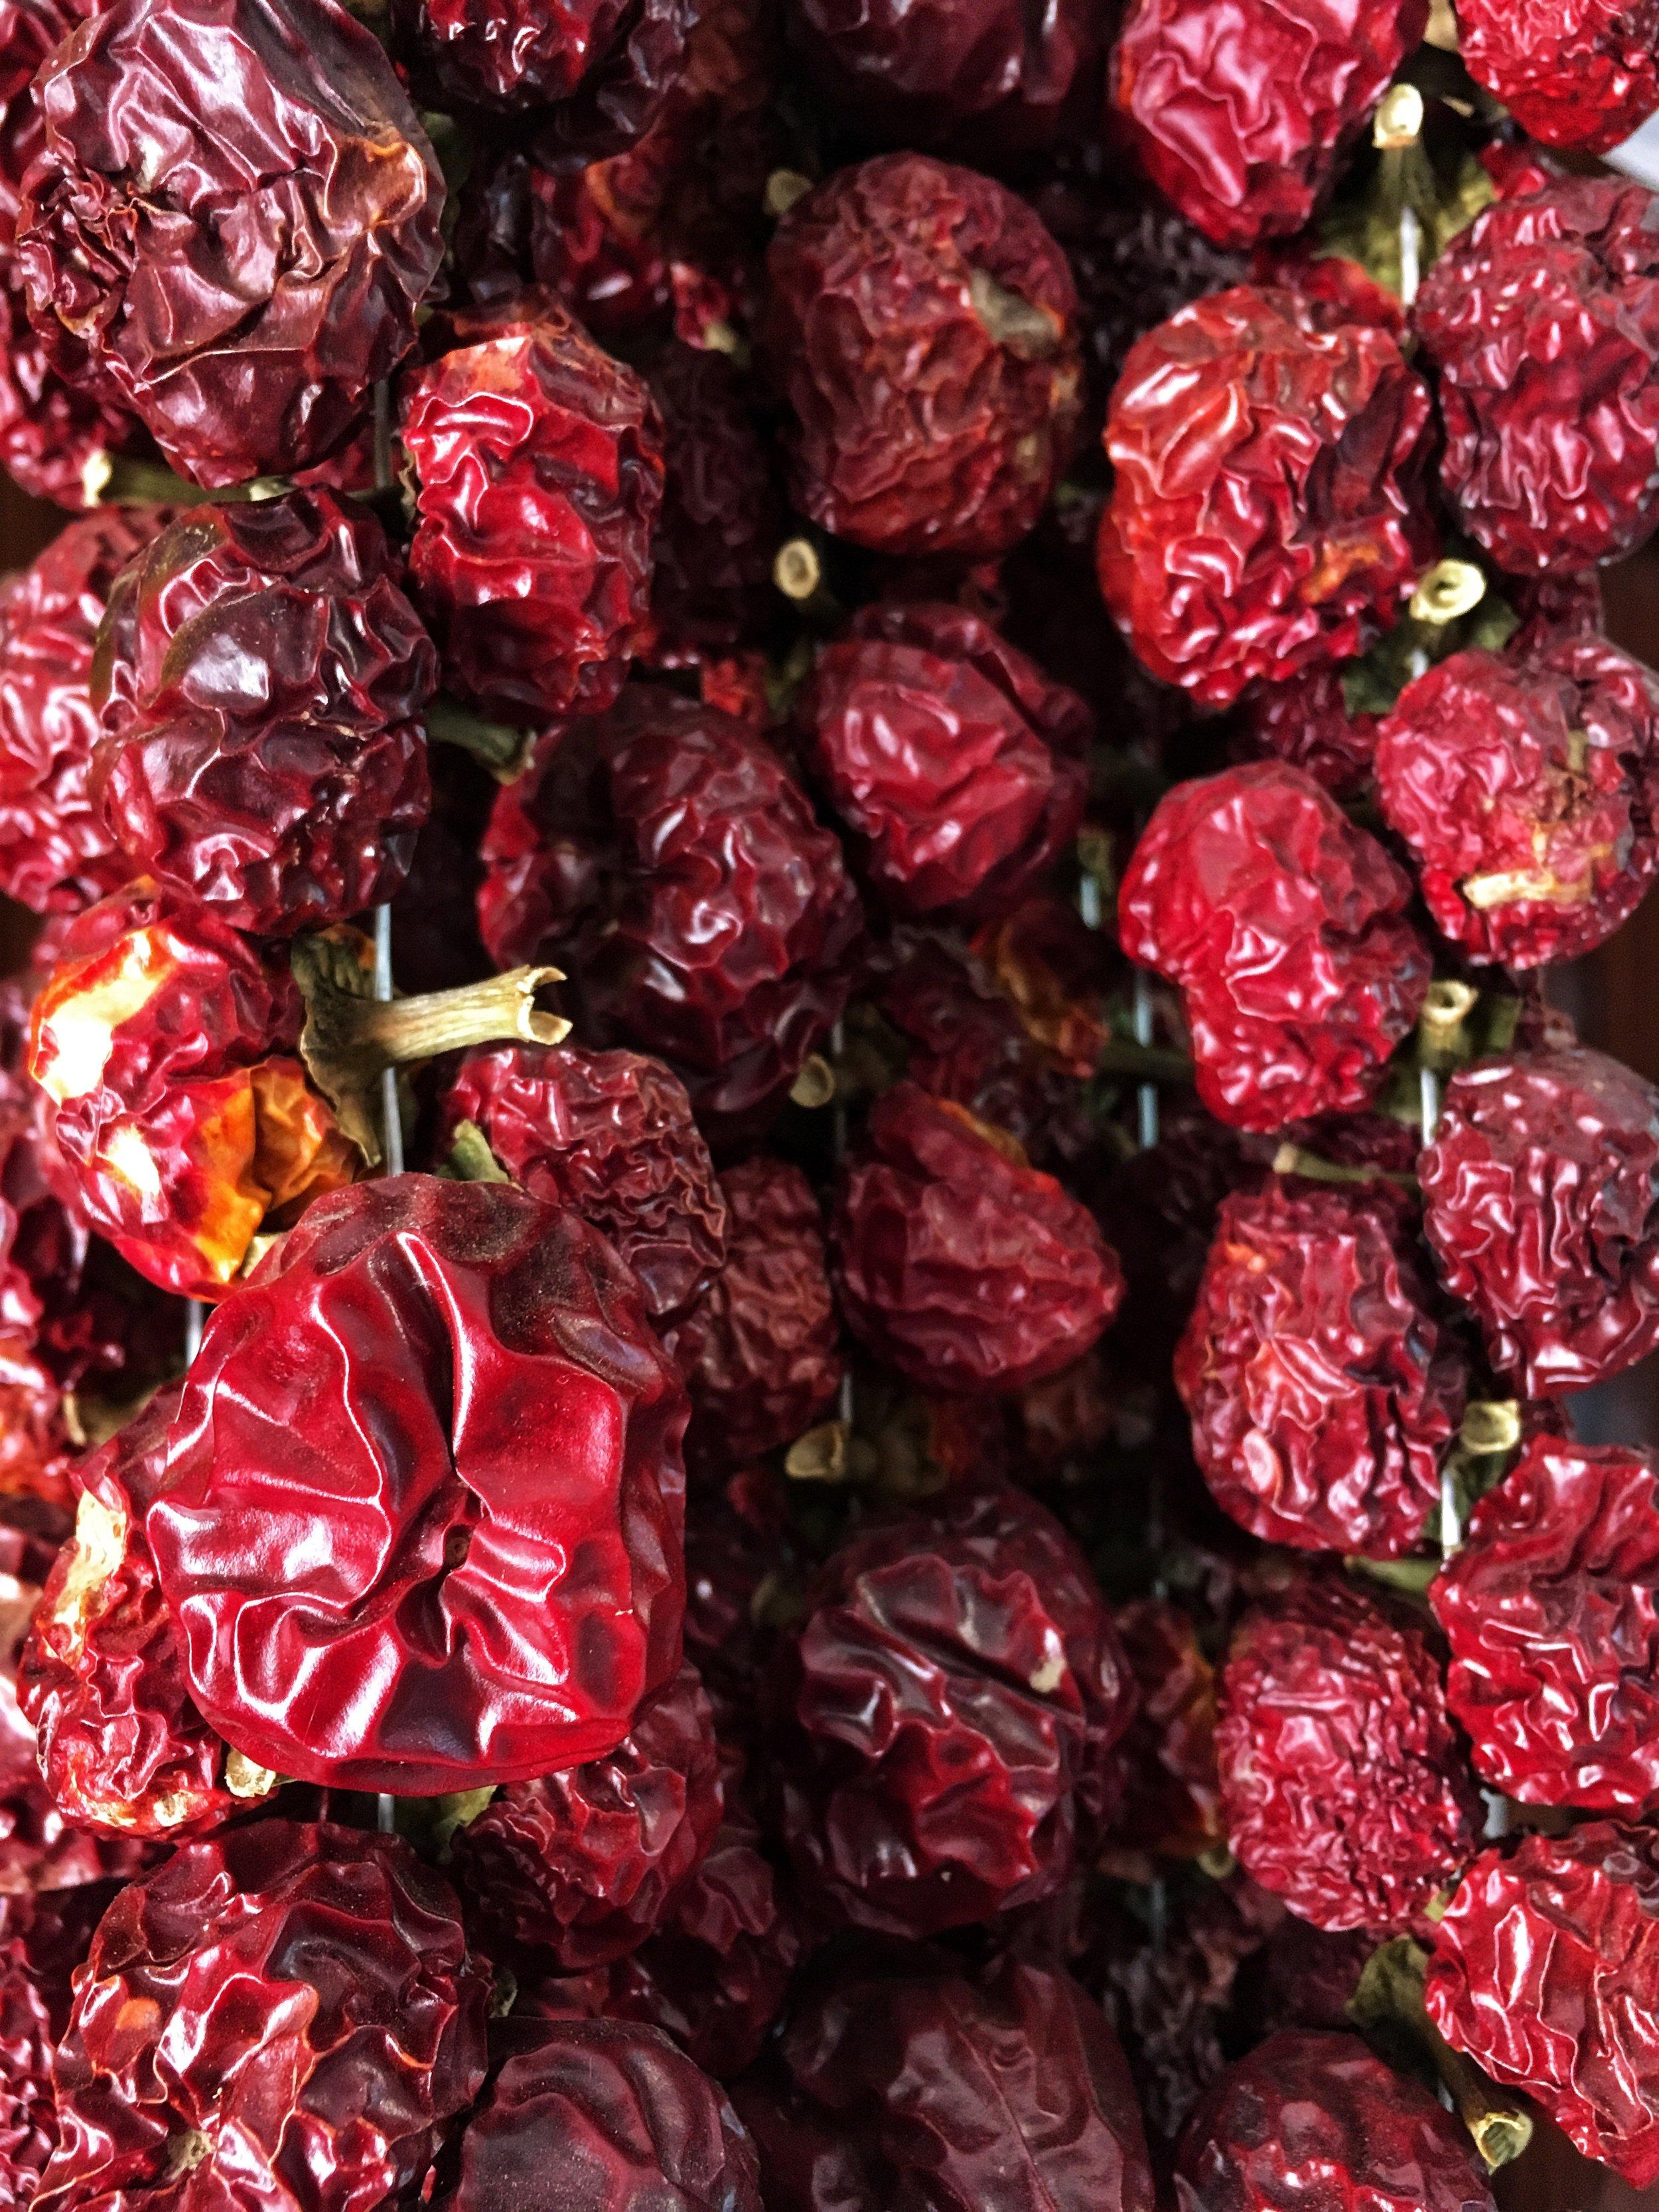 The paupaulo pepper